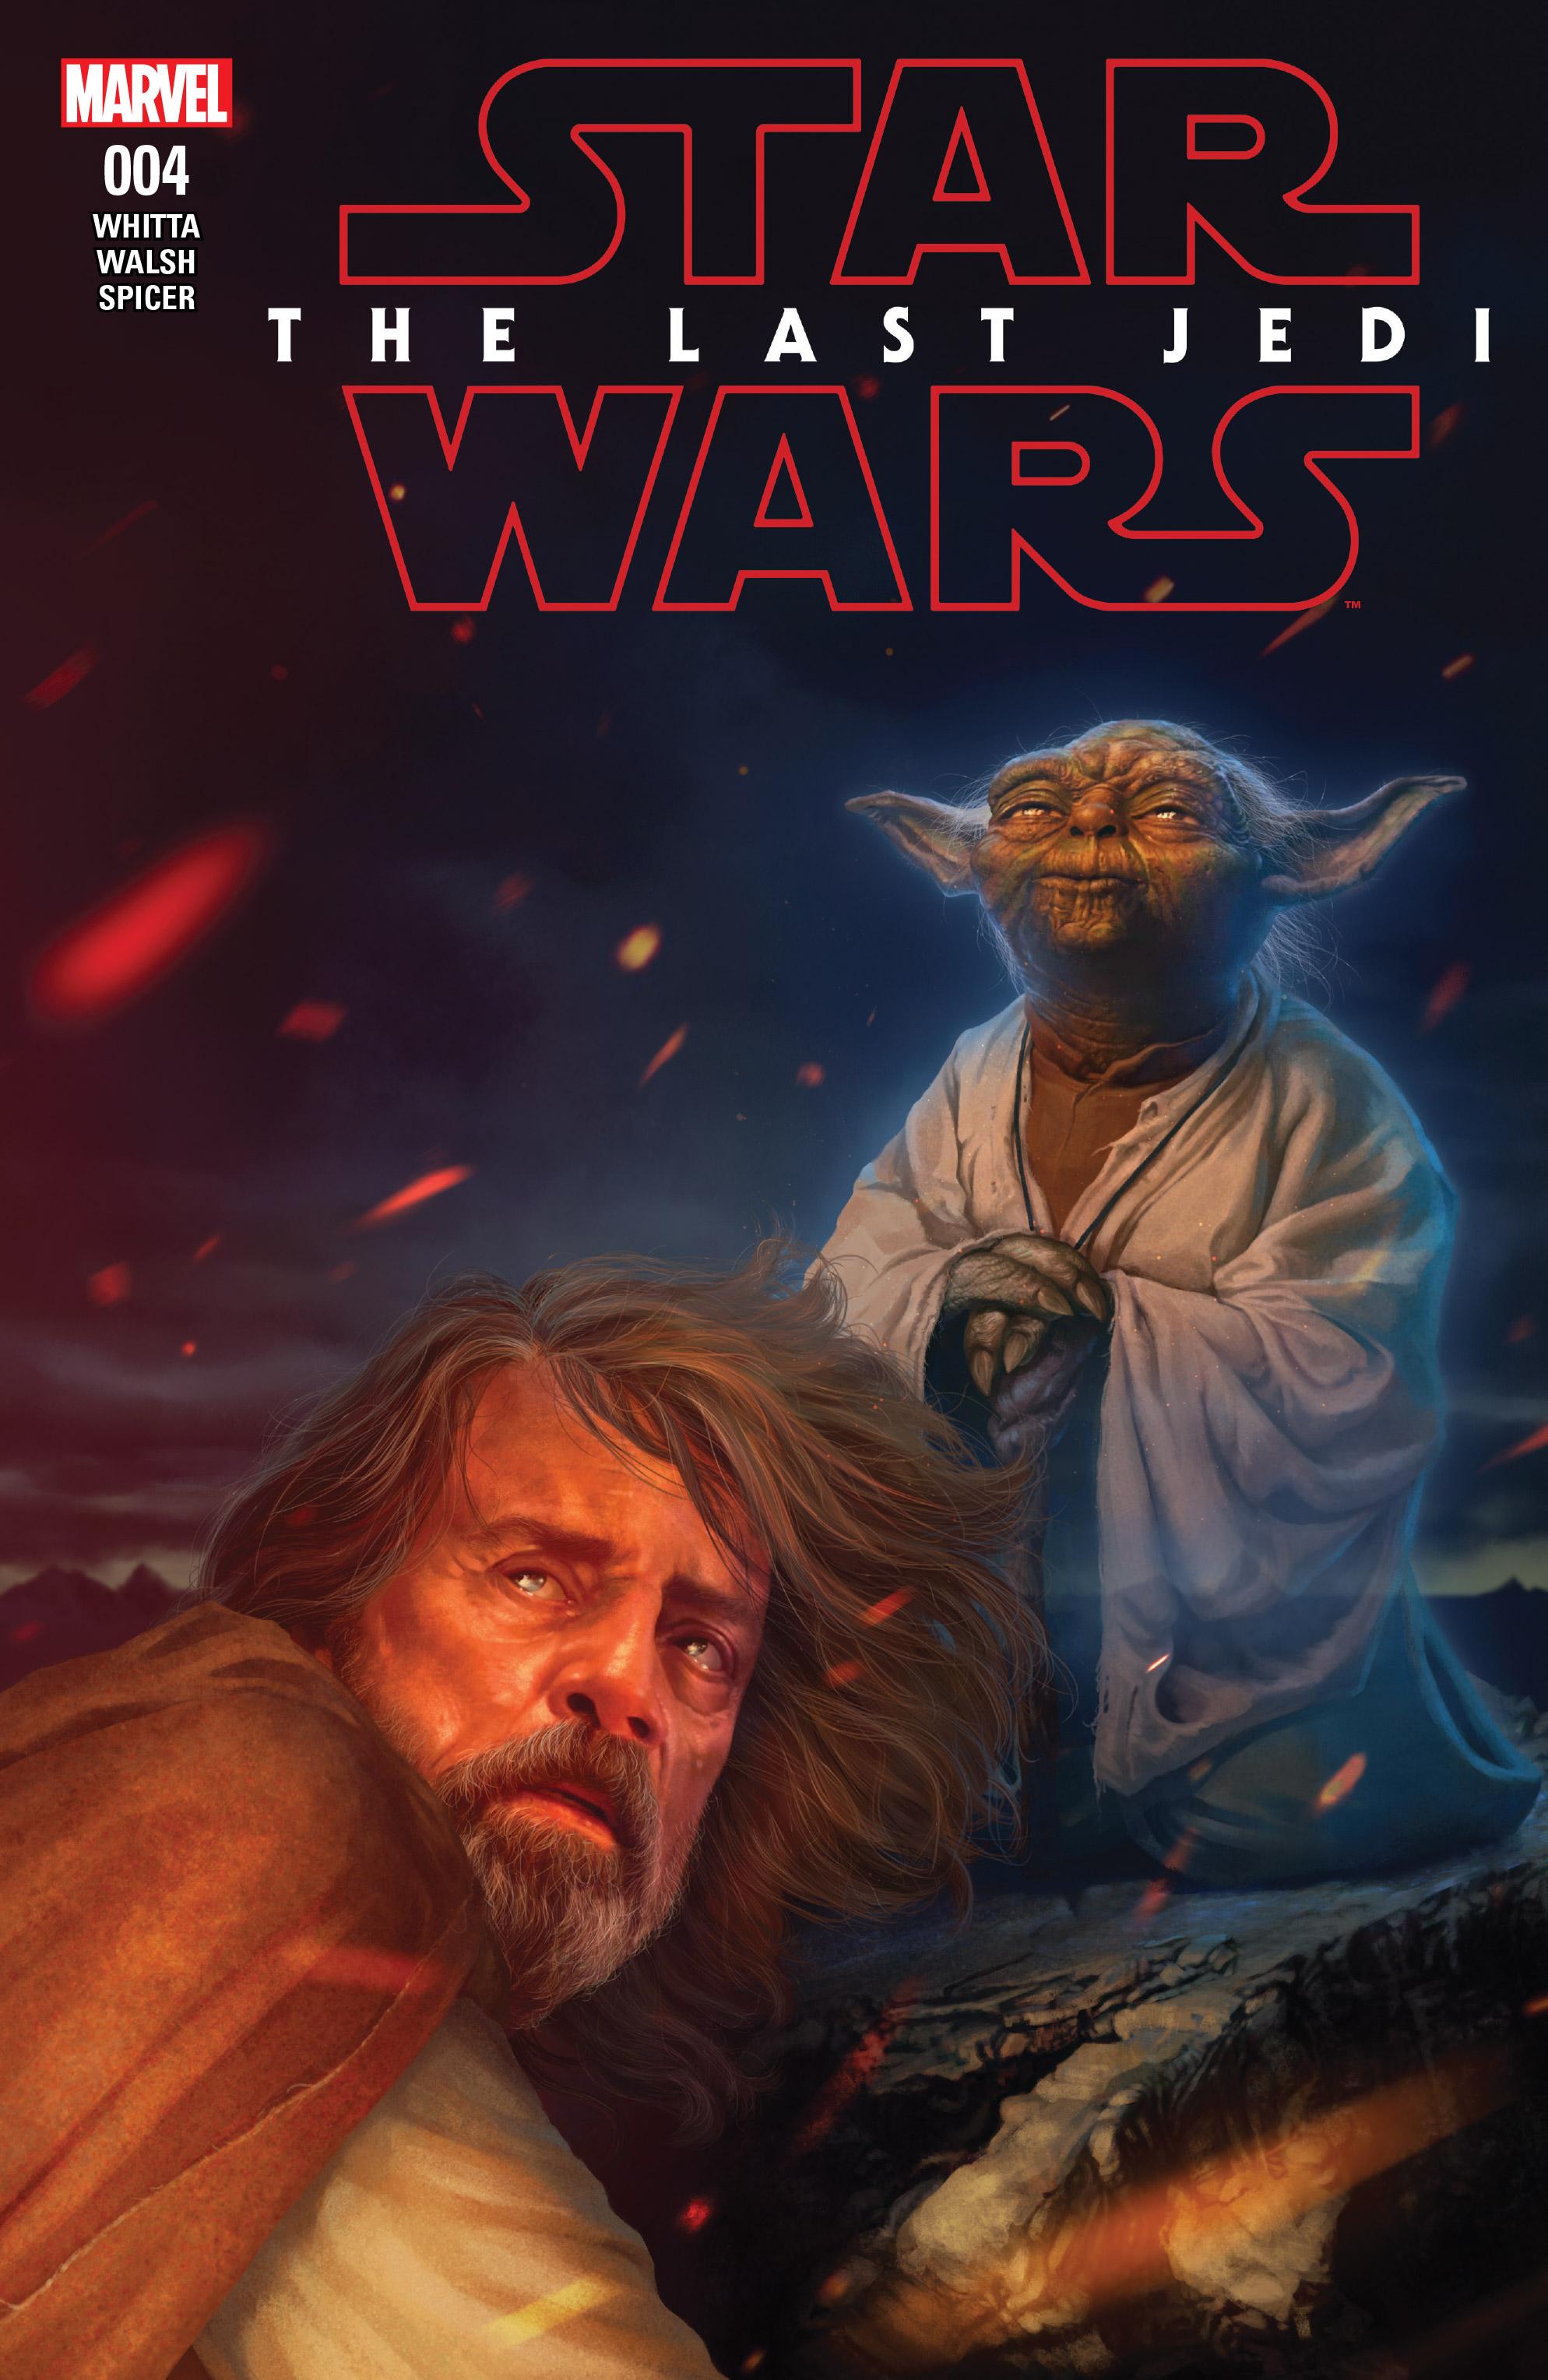 Звёздные войны: Последние джедаи, часть 4